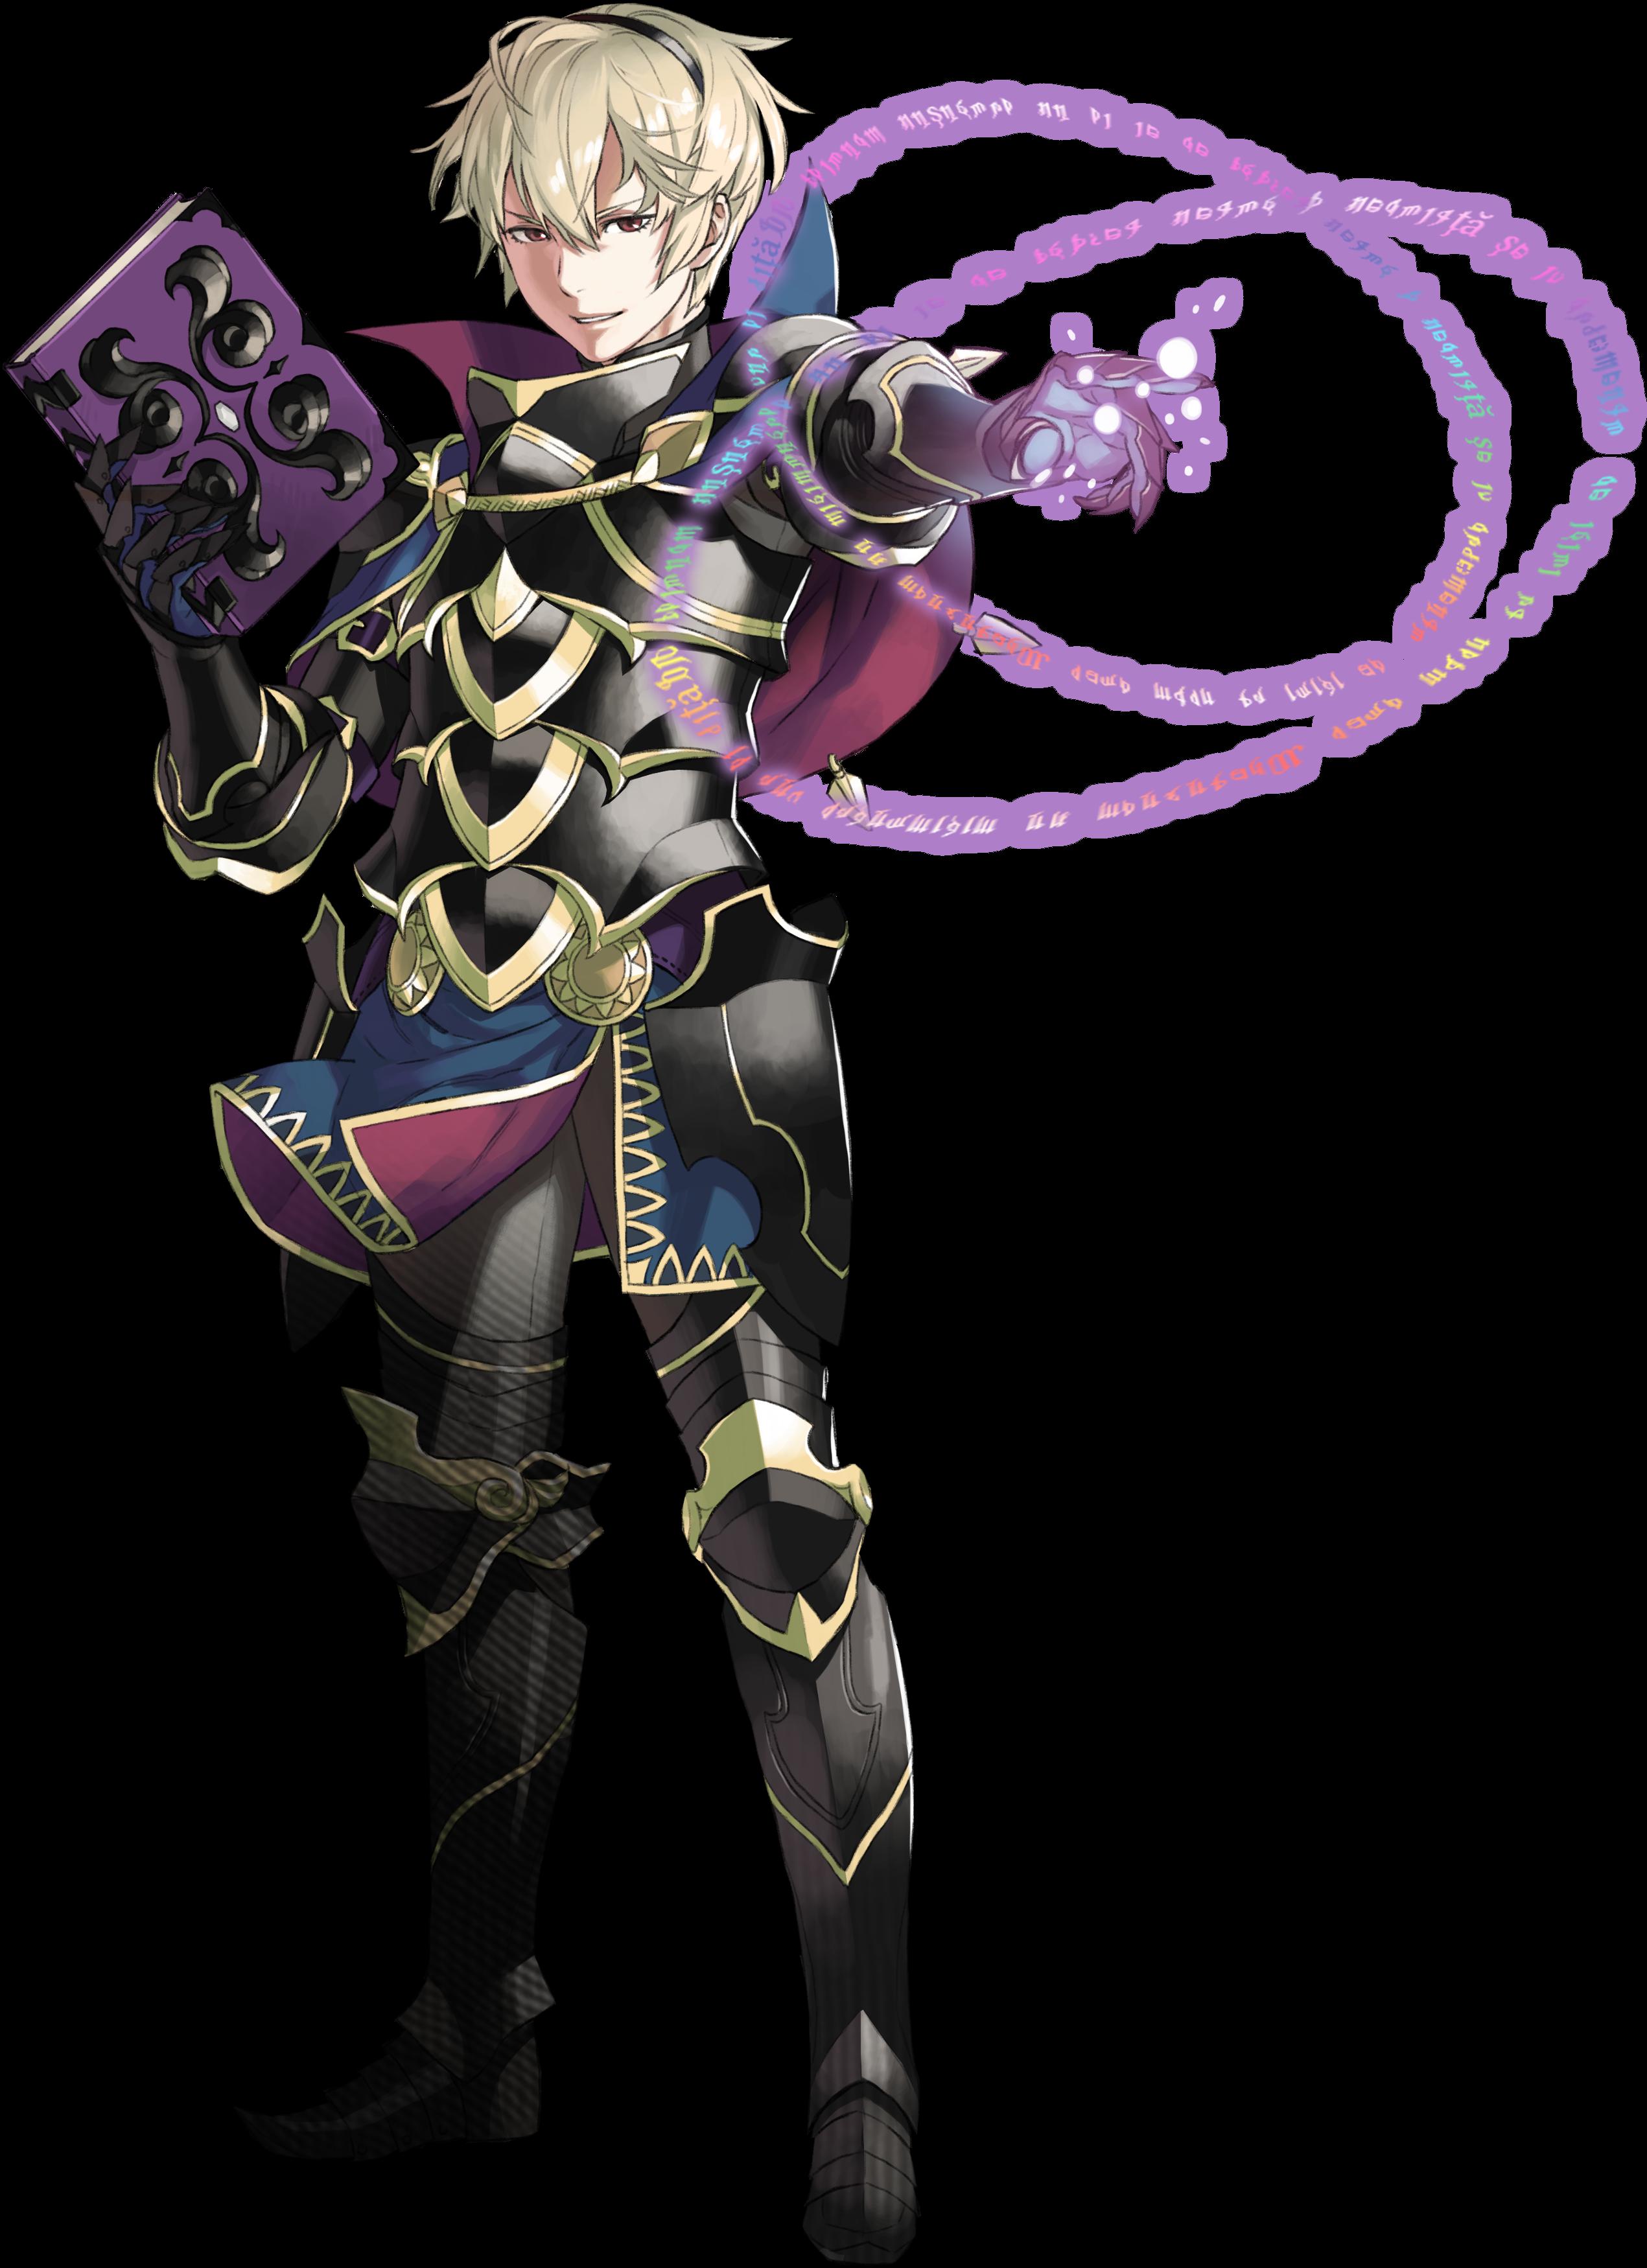 leo character